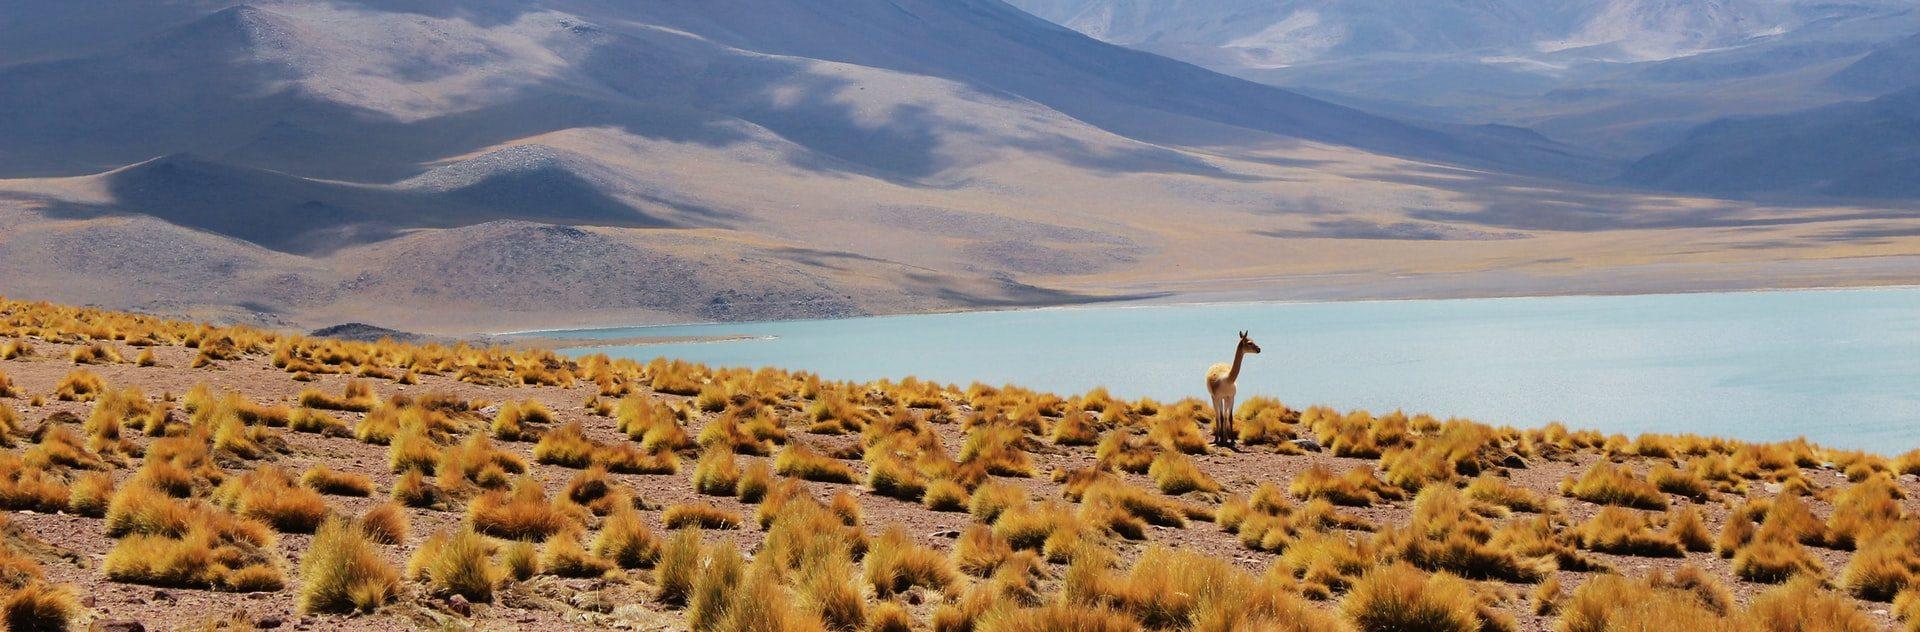 Programas para apoyar a los emprendedores turísticos rurales de Chile